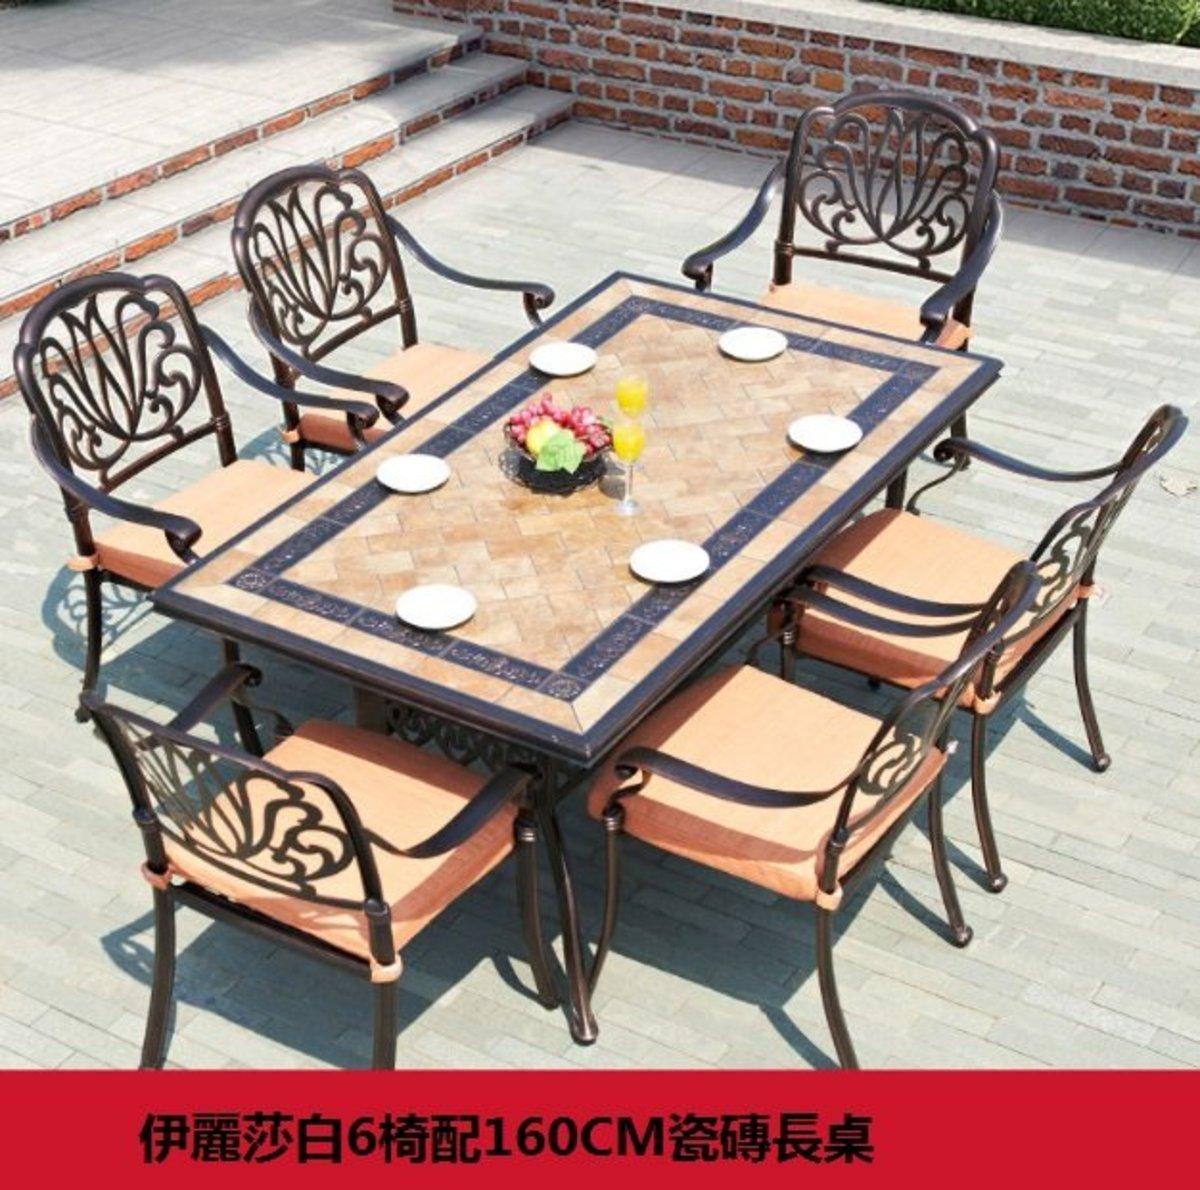 歐式鐵藝防水防曬桌椅(伊麗莎白6椅配160CM瓷磚長桌)